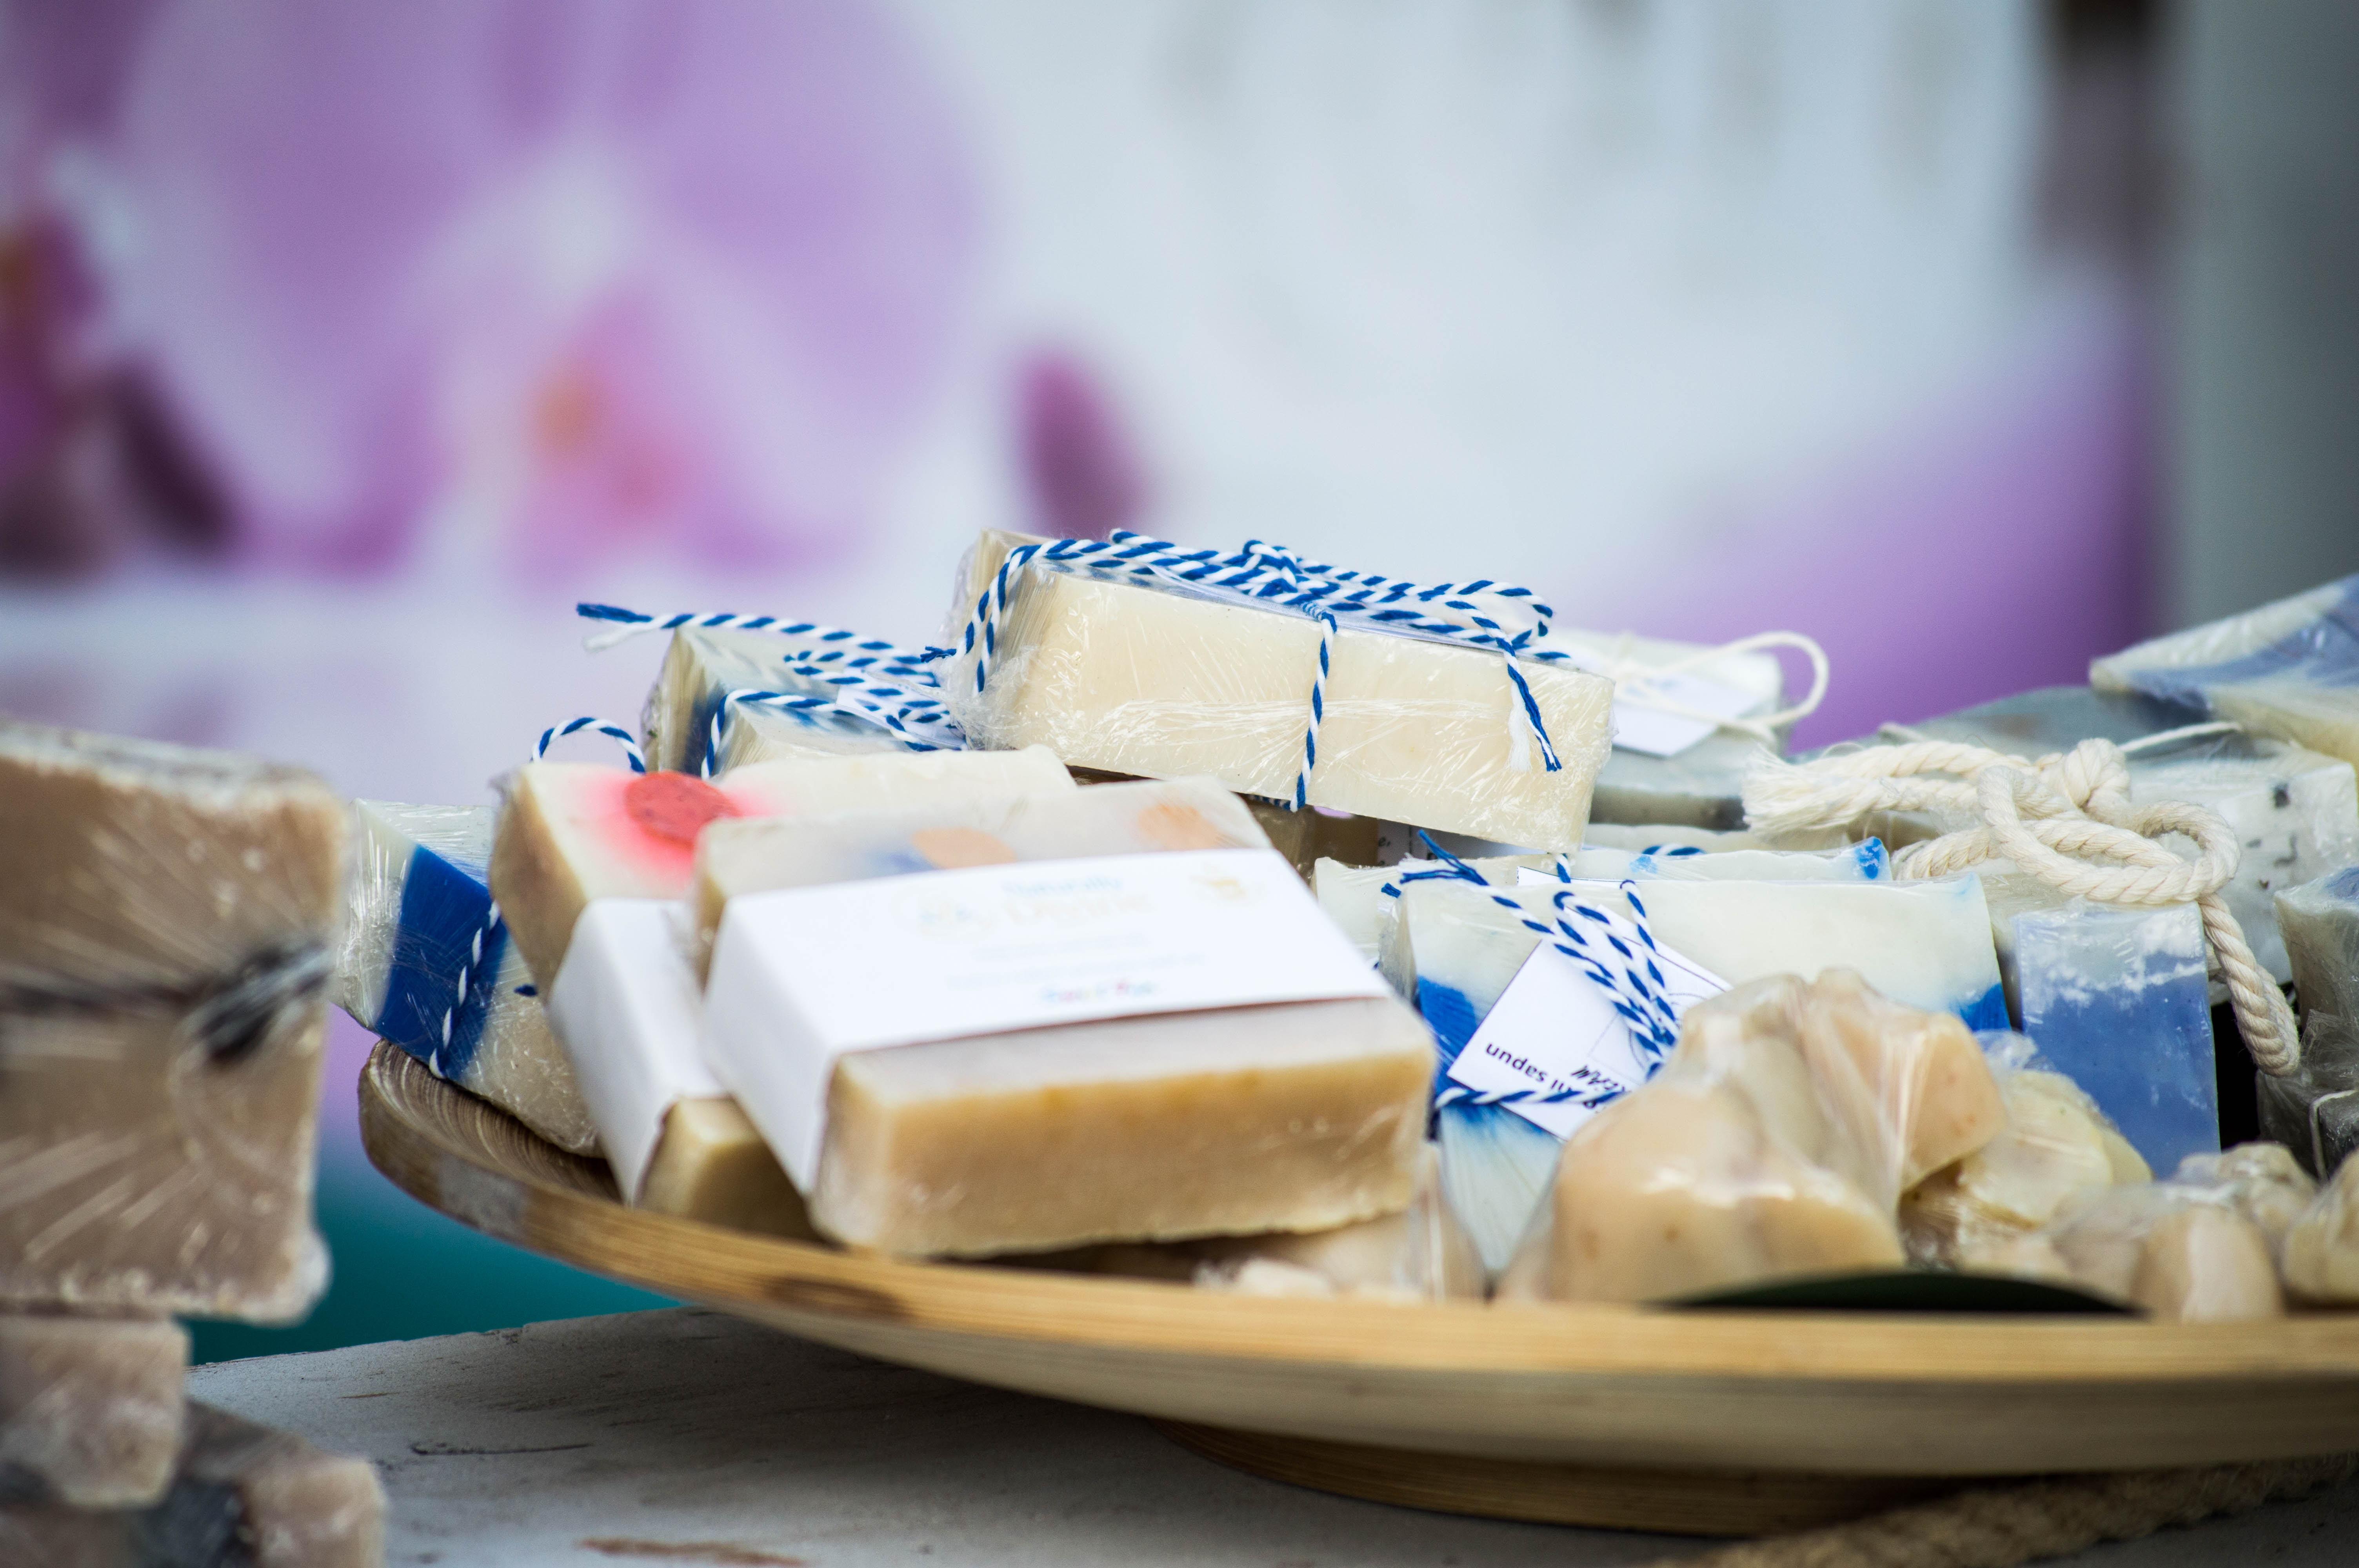 Provo Gem: The Soap Factory